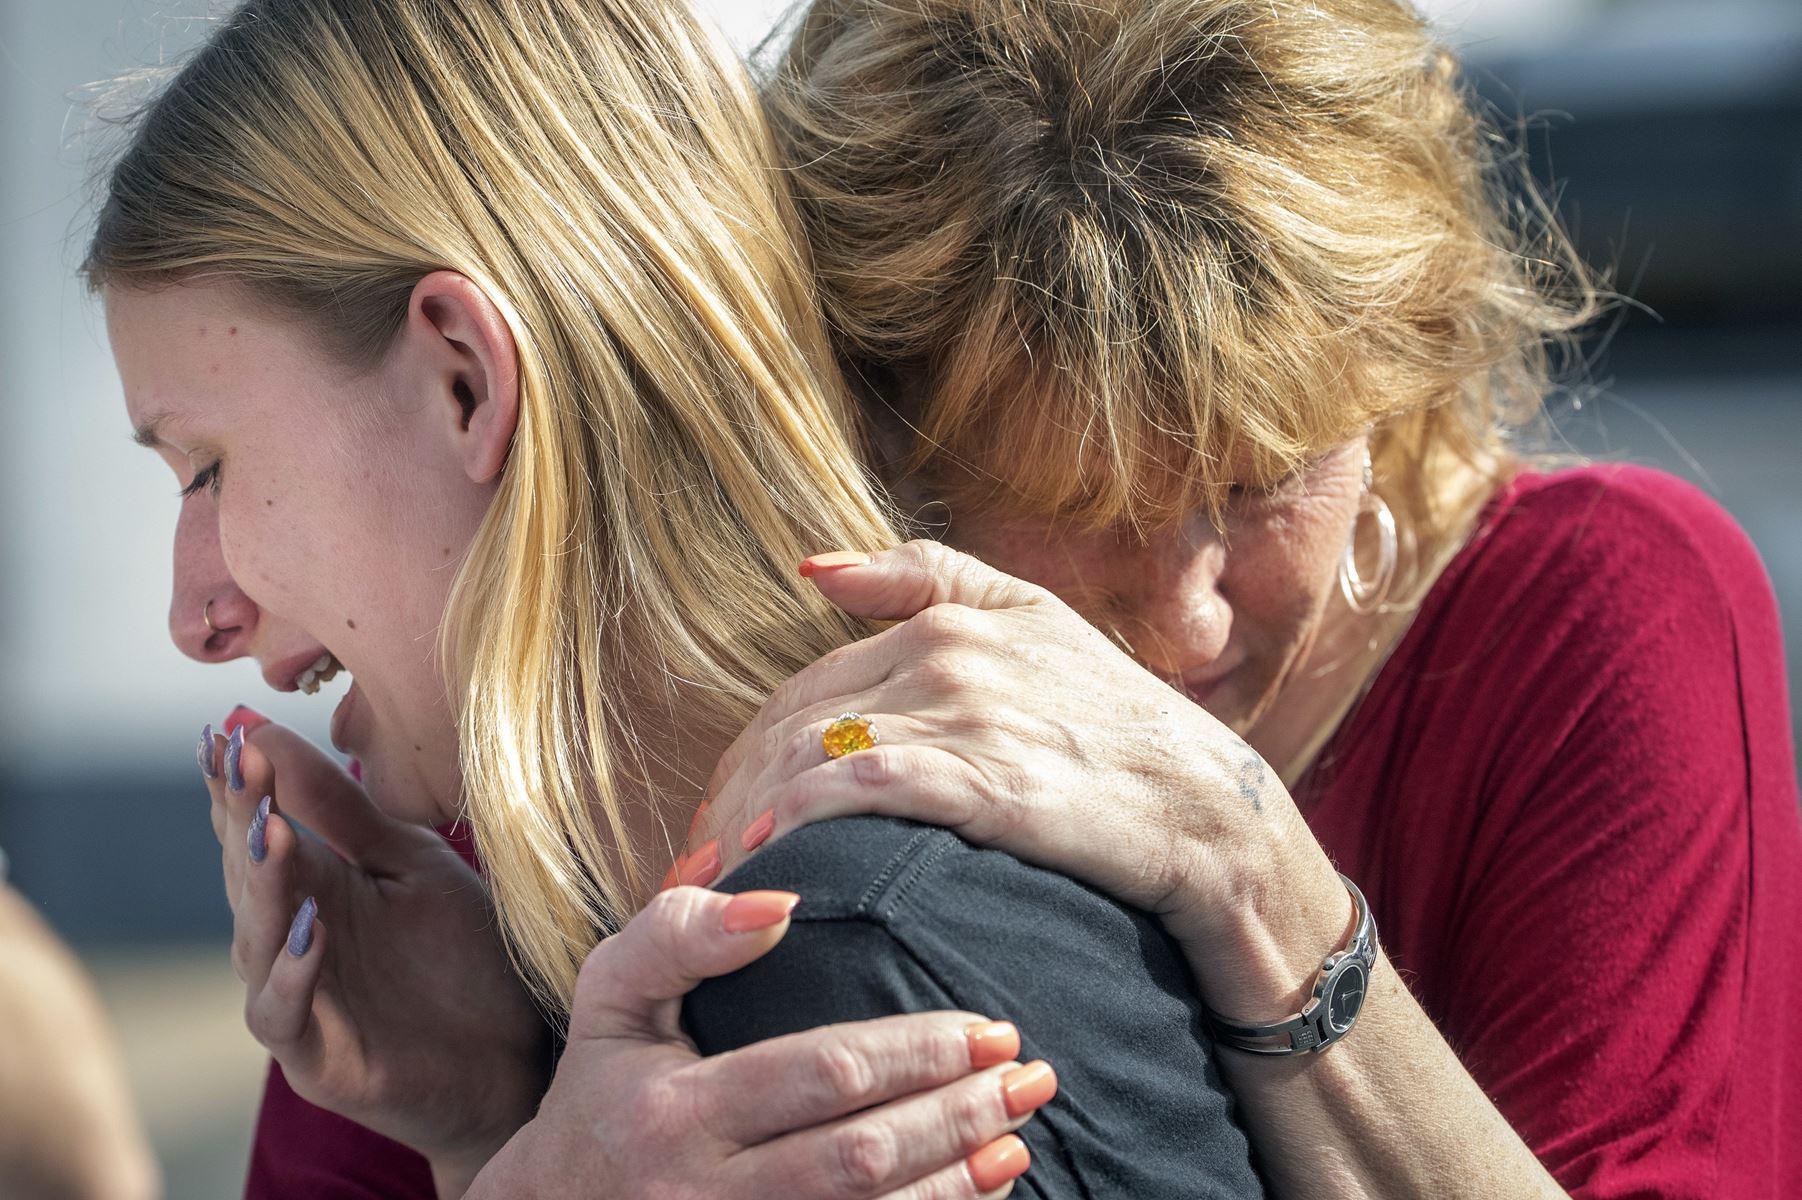 Ti er døde og ti såret i skoleskyderiet i Texas fredag, oplyser guvernør. En 17-årig elev er anholdt.